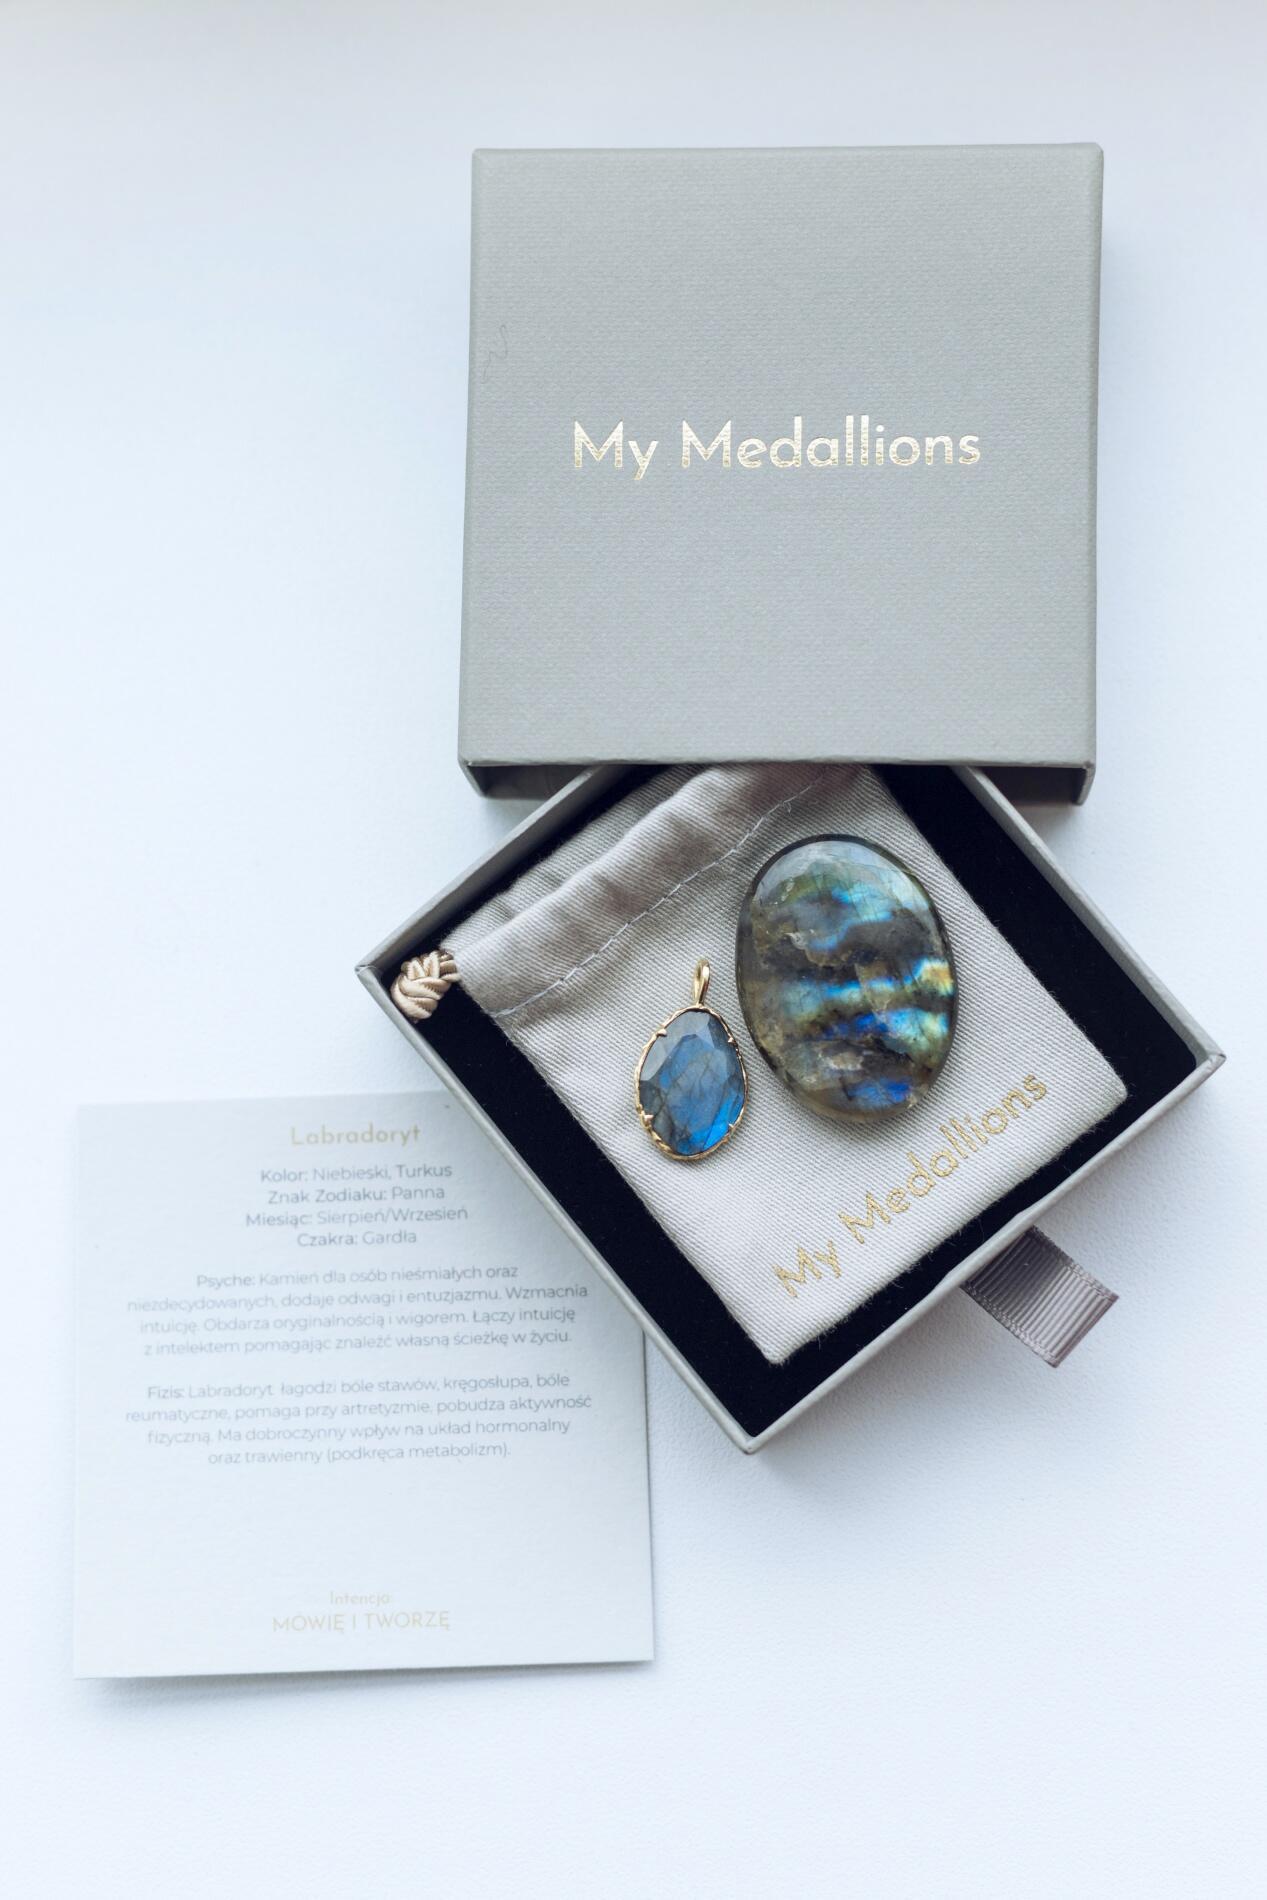 My Medallions Teardrop Kamień Księżycowy - Yoga Retreatment   JestemSlow.pl